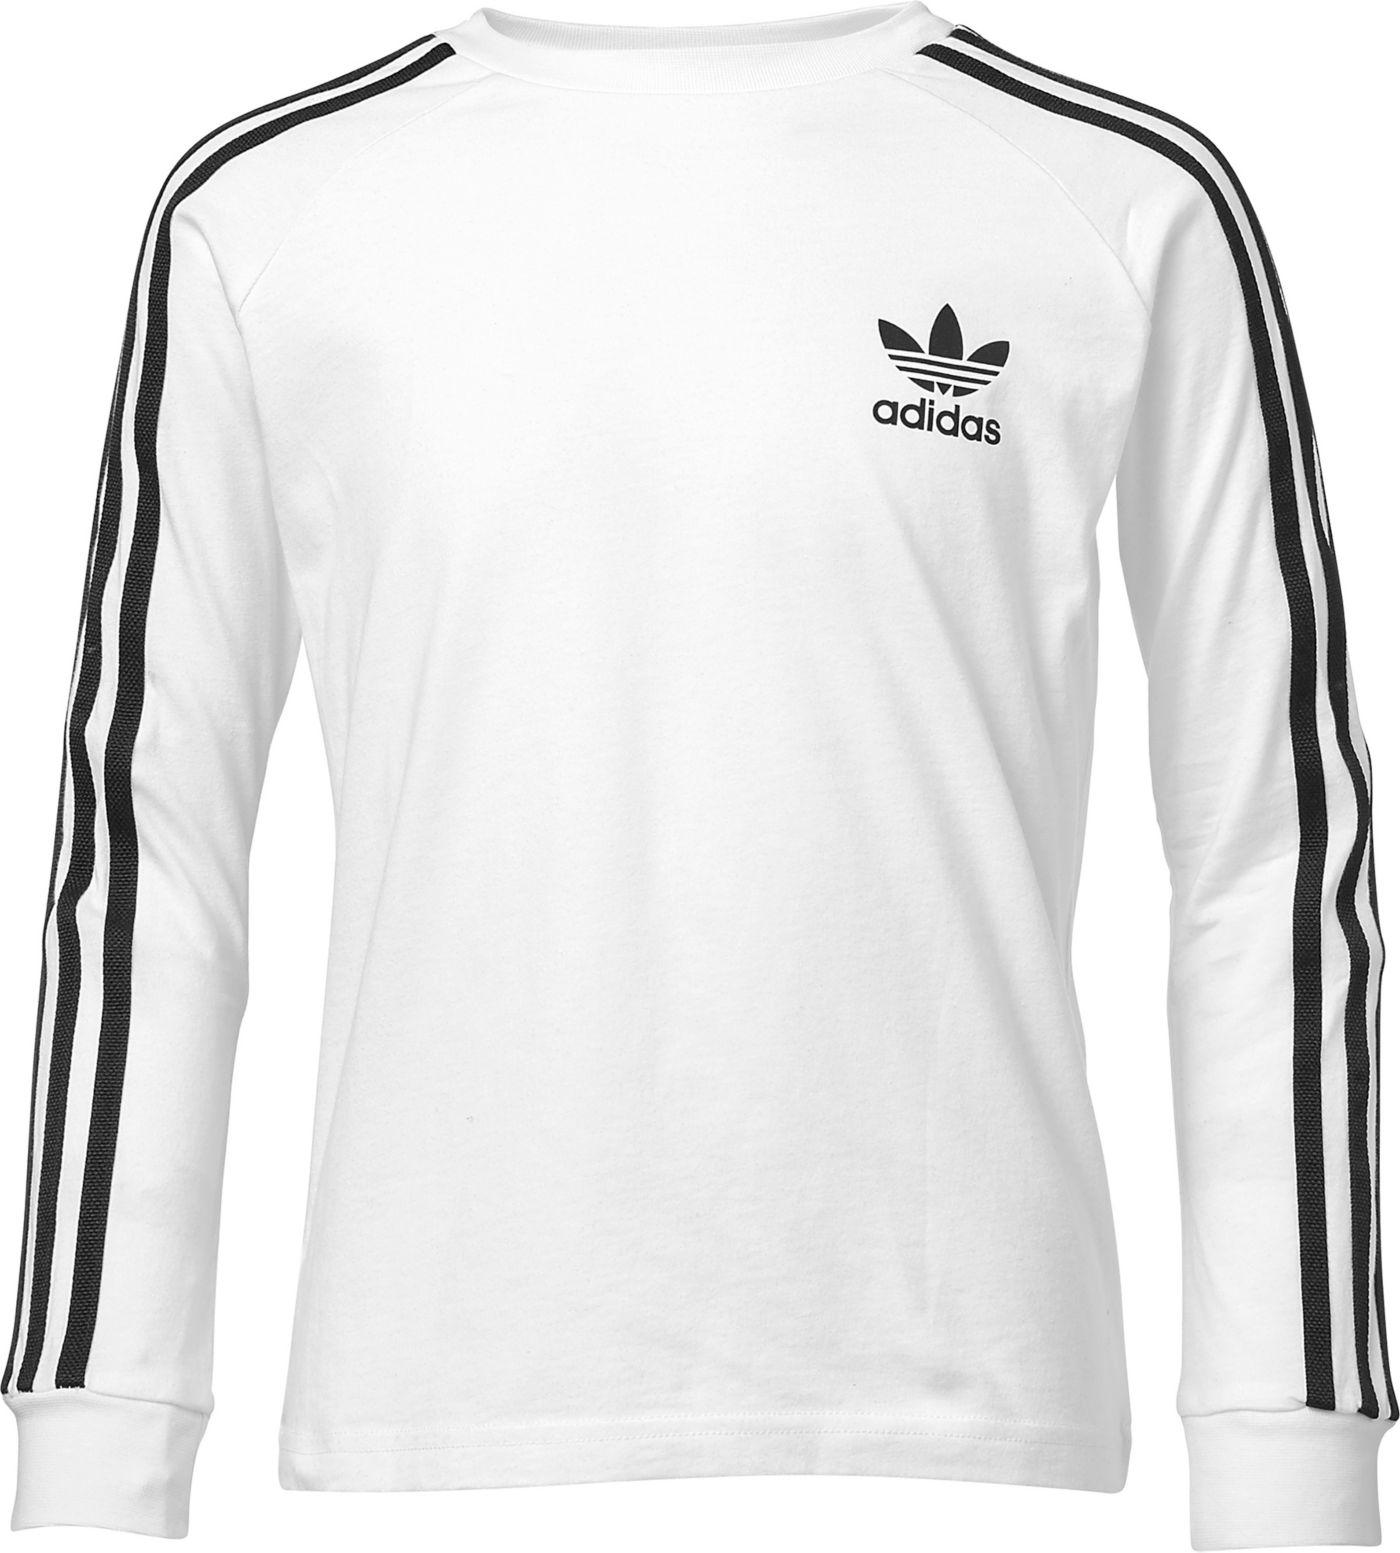 adidas Originals Boys' 3-Stripes Long Sleeve Shirt